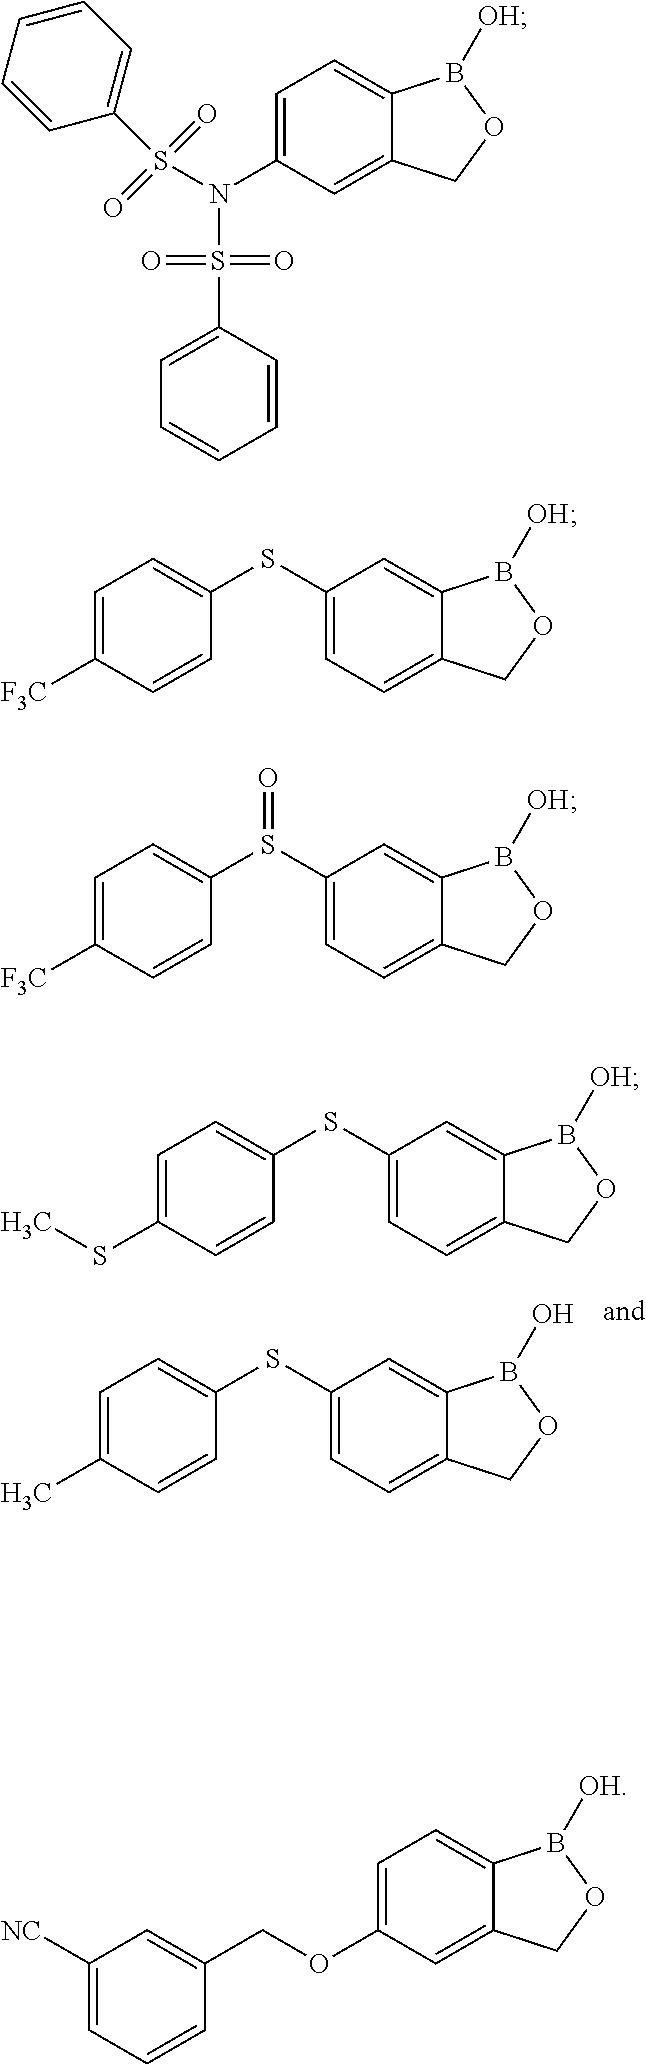 Figure US09566289-20170214-C00031